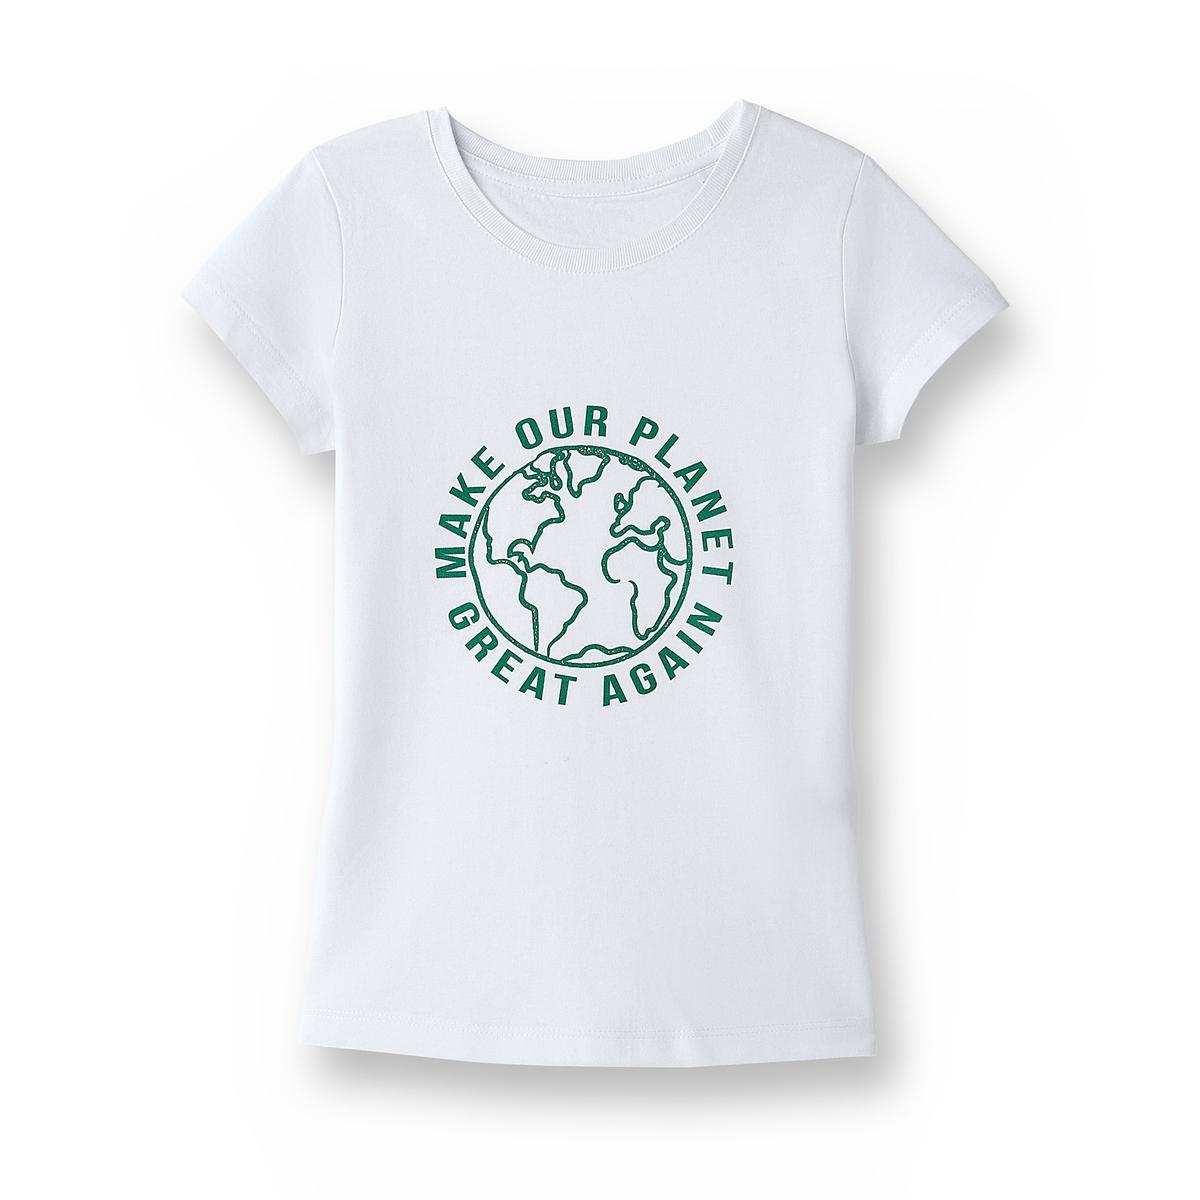 Футболка с надписью из биохлопка, 5-14 летФутболка La Redoute Collections совместно с Envol'Vert. Круглый вырез. Короткие рукава. НадписьСделаем снова нашу планету замечательной спереди.                                                     За каждую проданную футболку La Redoute перечисляет 1€ Envol'Vert. Собранная сумма позволит участвовать в проекте озеленения леса в Колумбии.                                          Более подробно : http://envol-vert.org/projets/restauration-forestiere-et-noyer-maya/                           Состав и описаниеМатериал:100% био-хлопокМарка: La Redoute Collections совместно с Envol'Vert                         Уход:                         Стирать при 30° с изделиями схожих цветов                         Отбеливание запрещено                         Гладить при умеренной температуре                         Сухая (химическая) чистка запрещена                         Машинная сушка запрещена                                                  Преимущества : Био-продукт.                         Выращенный без использования пестицидов и химических удобрений био-хлопок изготовлен с заботой о почве, воде и людях, возделывающих его.                         Мы заботимся о сохранении окружающей среды и здоровья людей.<br><br>Цвет: белый,серый меланж<br>Размер: 9/10 лет- 132/138 см.7/8 лет- 120/126 см.5/6 лет  - 108/114 cm.12/14 лет.5/6 лет  - 108/114 cm.7/8 лет- 120/126 см.12/14 лет